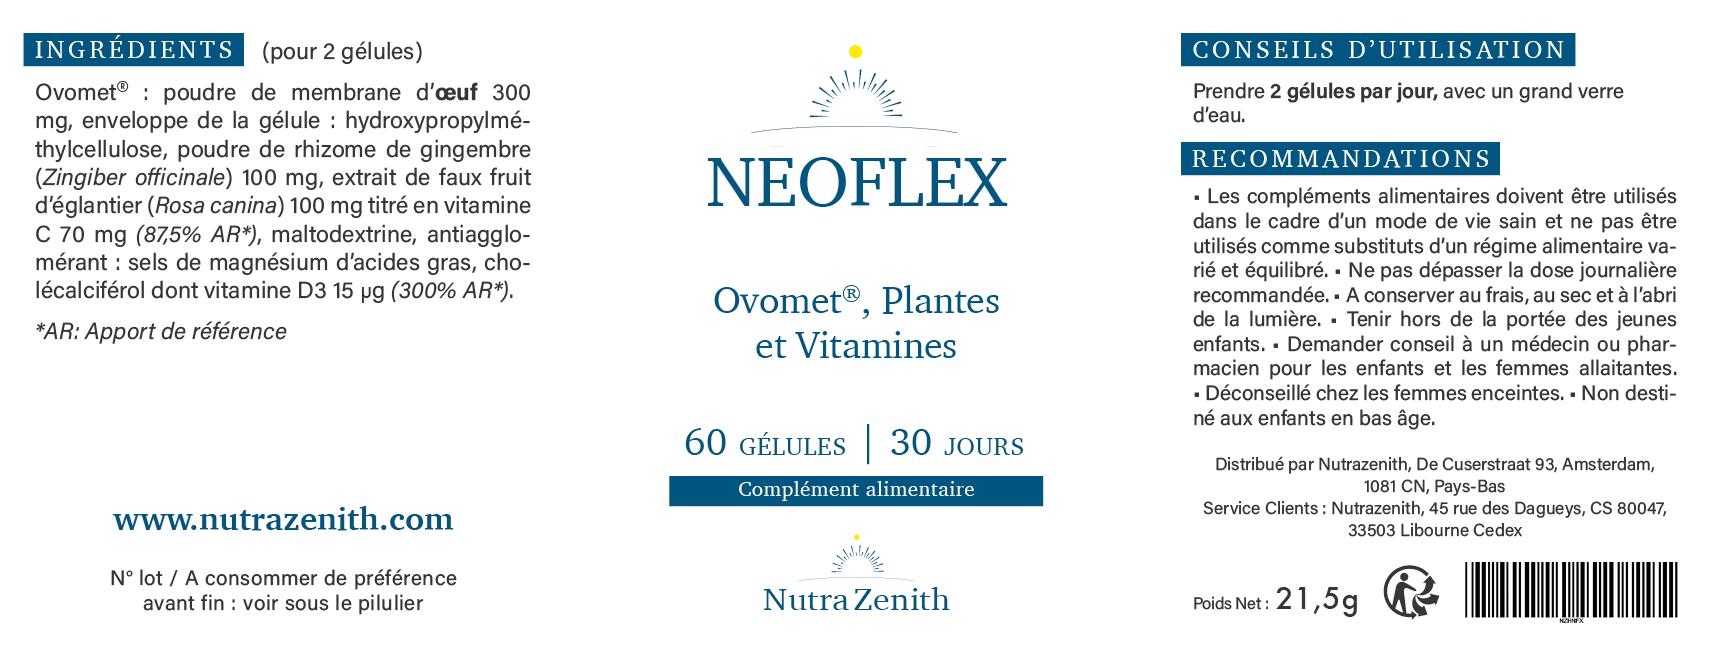 neoflex nutra zenith avis